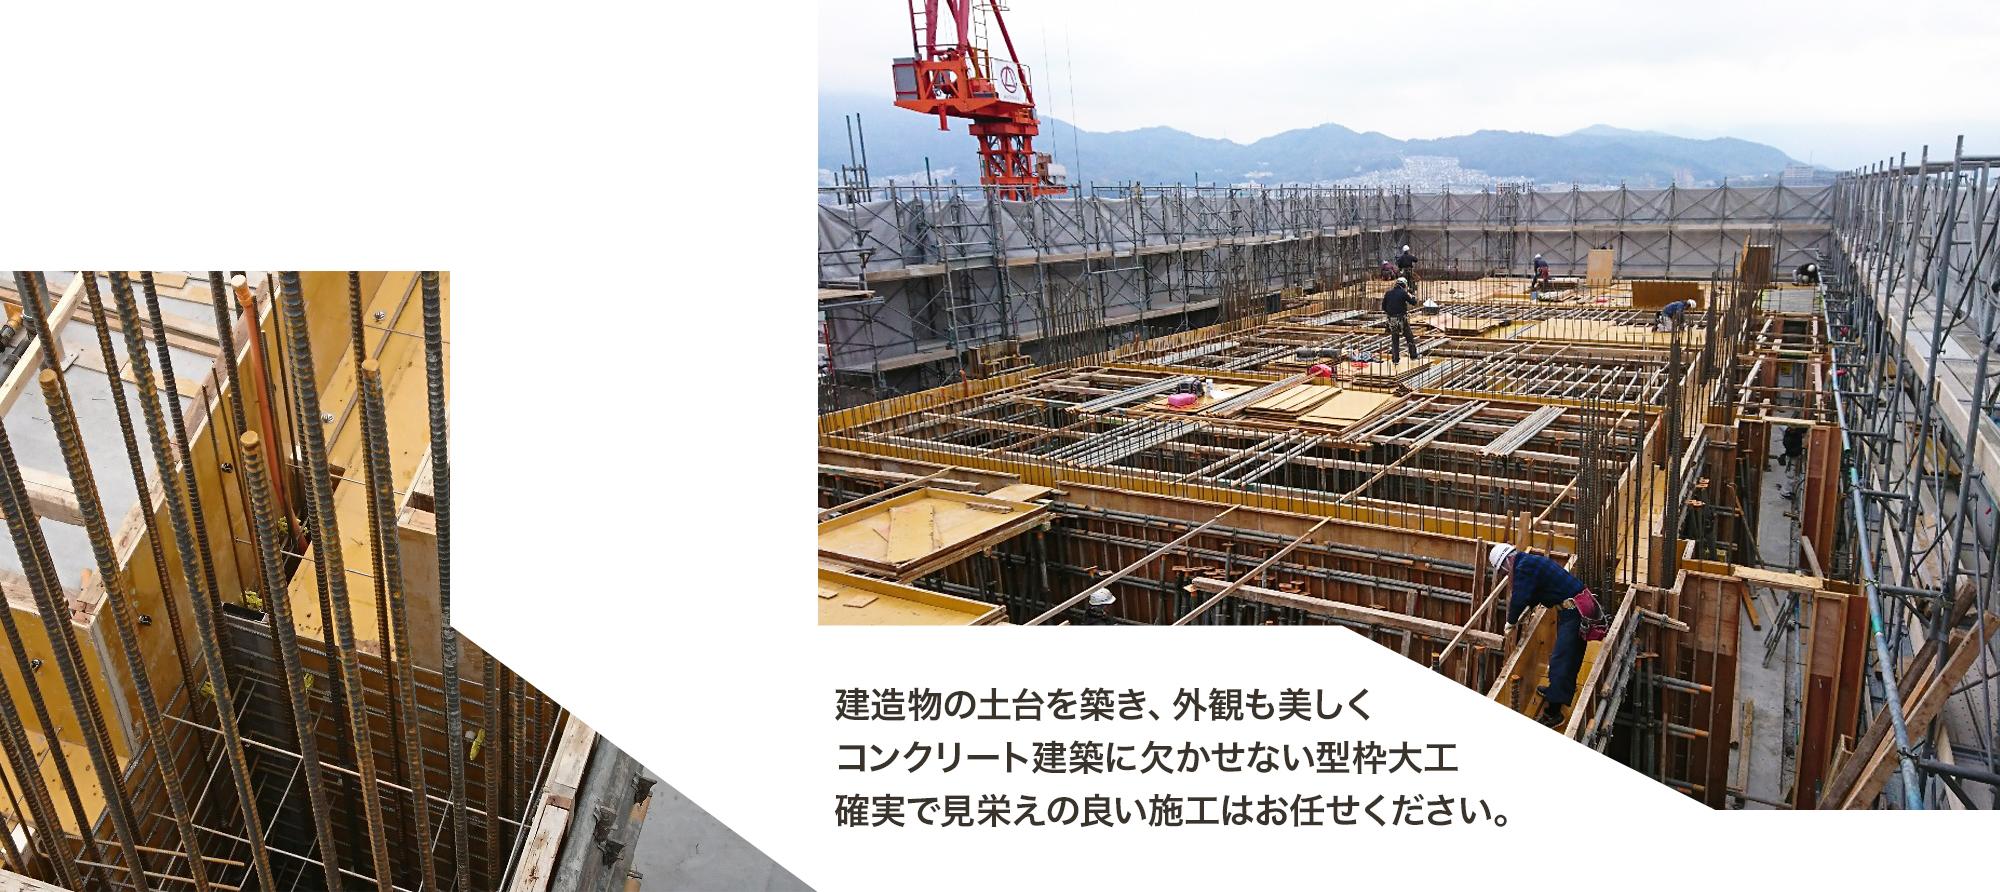 株式会社神野建設